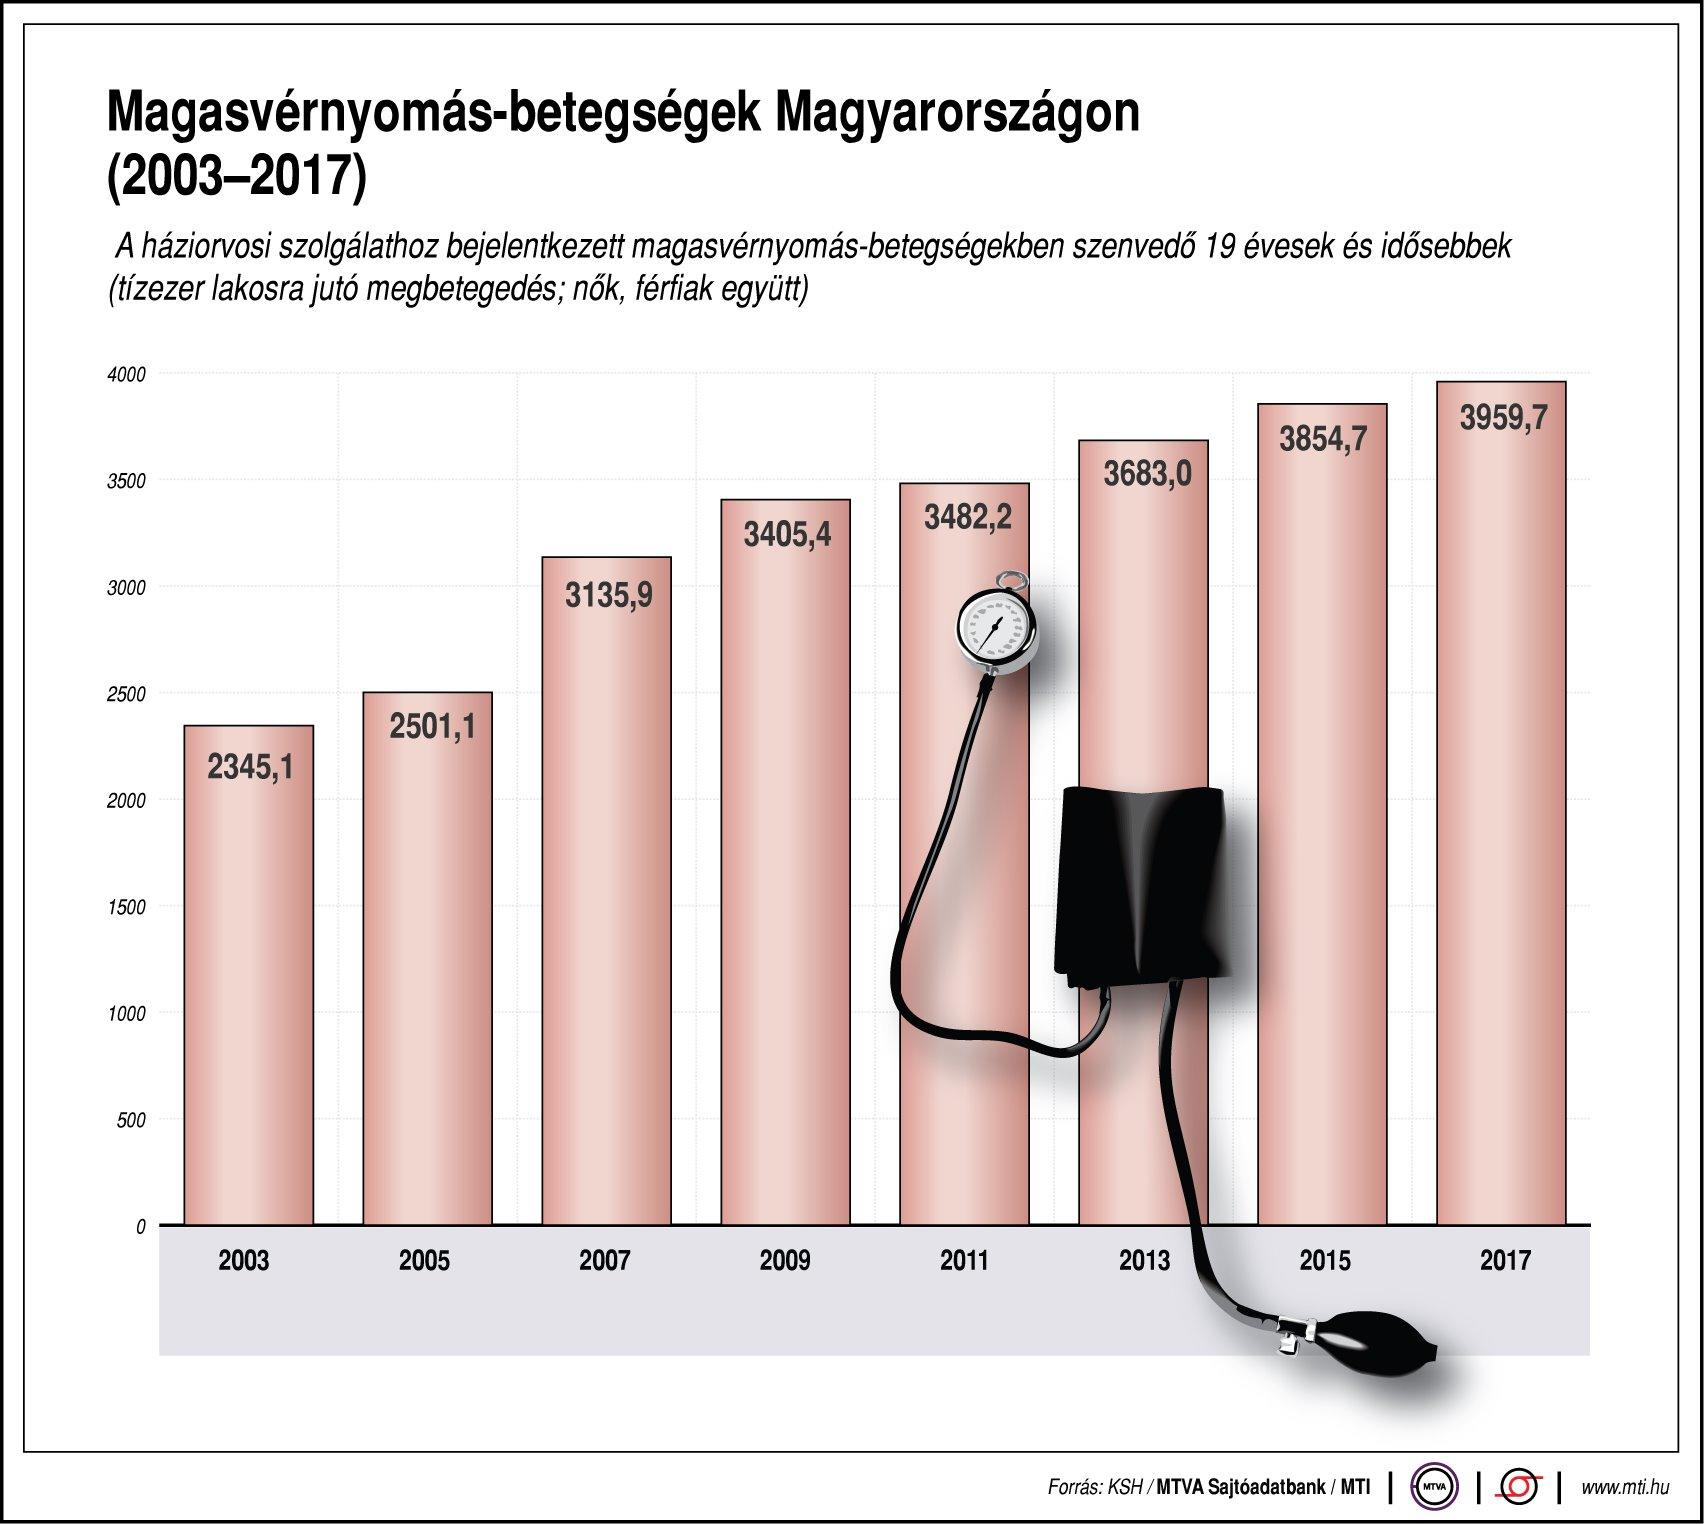 Szintetikus eredetű gyógyszerek 1 stádiumú magas vérnyomás esetén - Stresszoldó gyógynövények